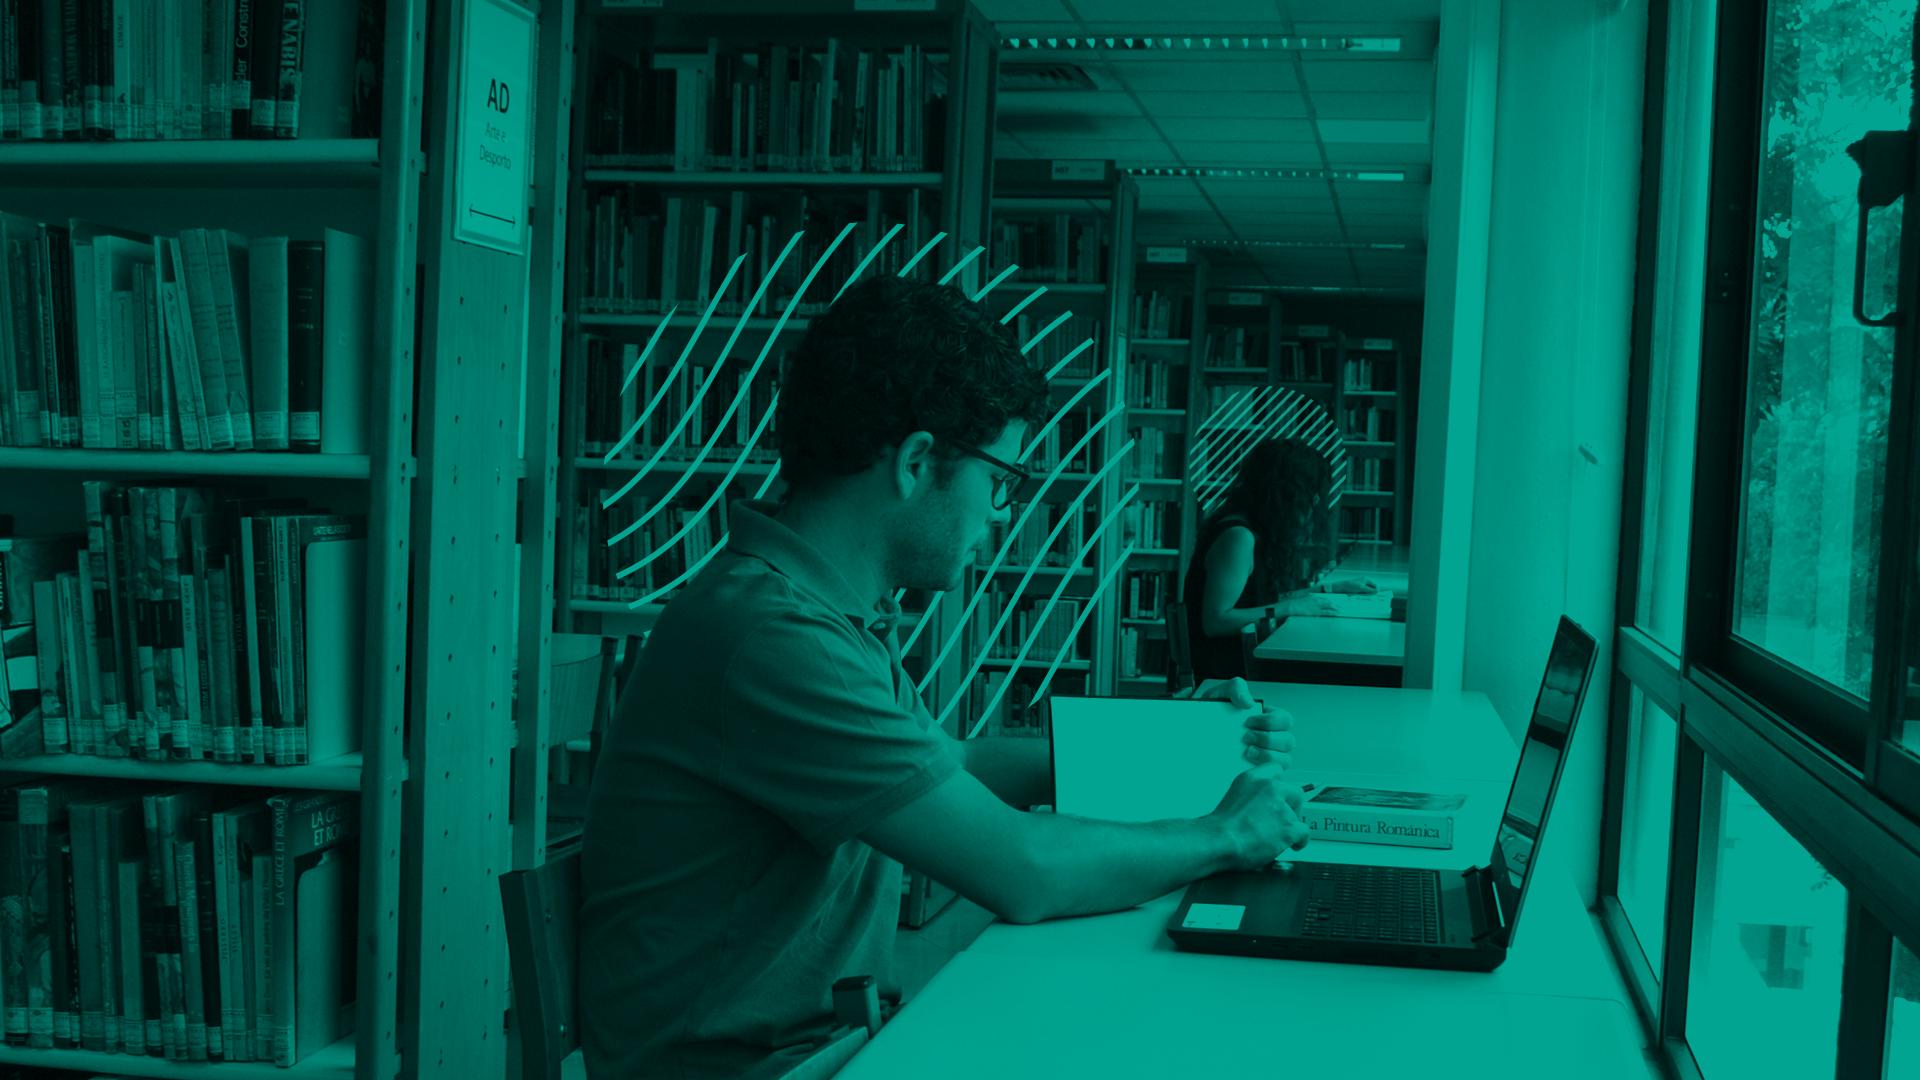 Biblioteca Mário Sottomayor Cardia